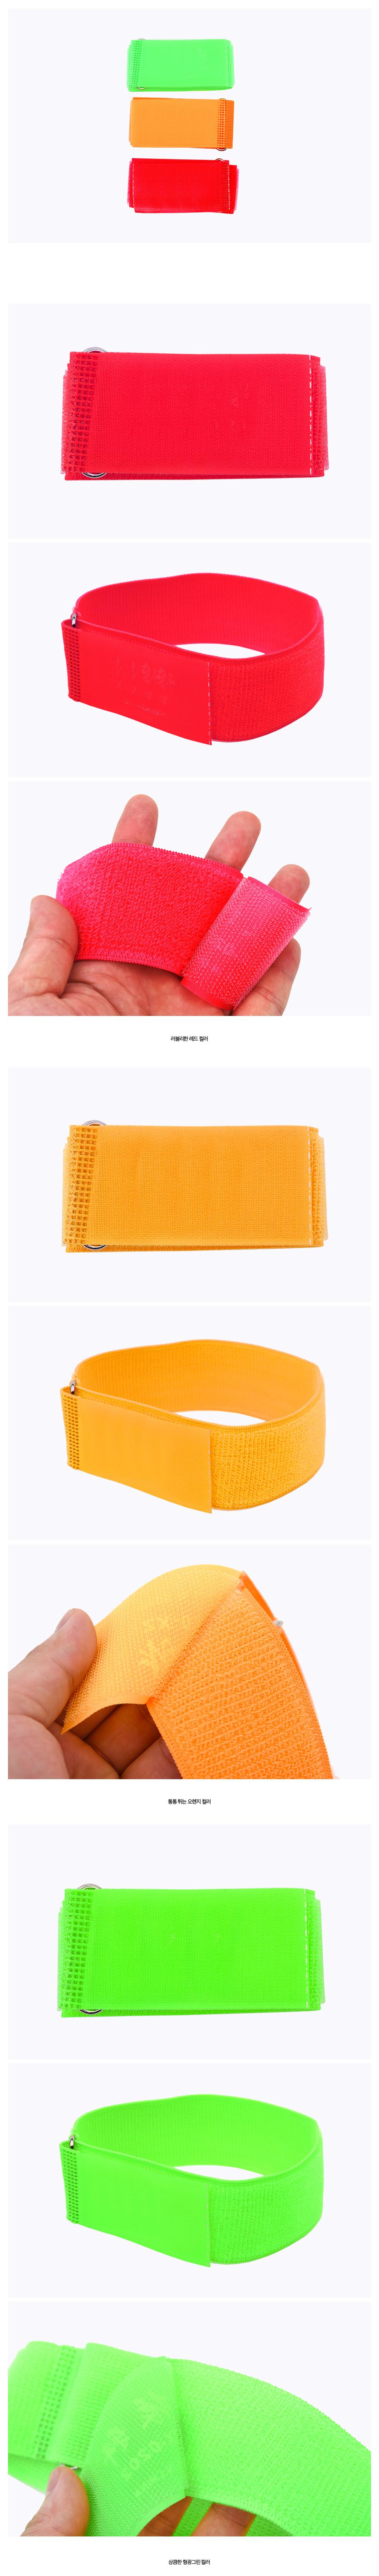 2인3각밴드 (오렌지)릴레이게임 - 파티해, 2,800원, 응원용품, 응원용품